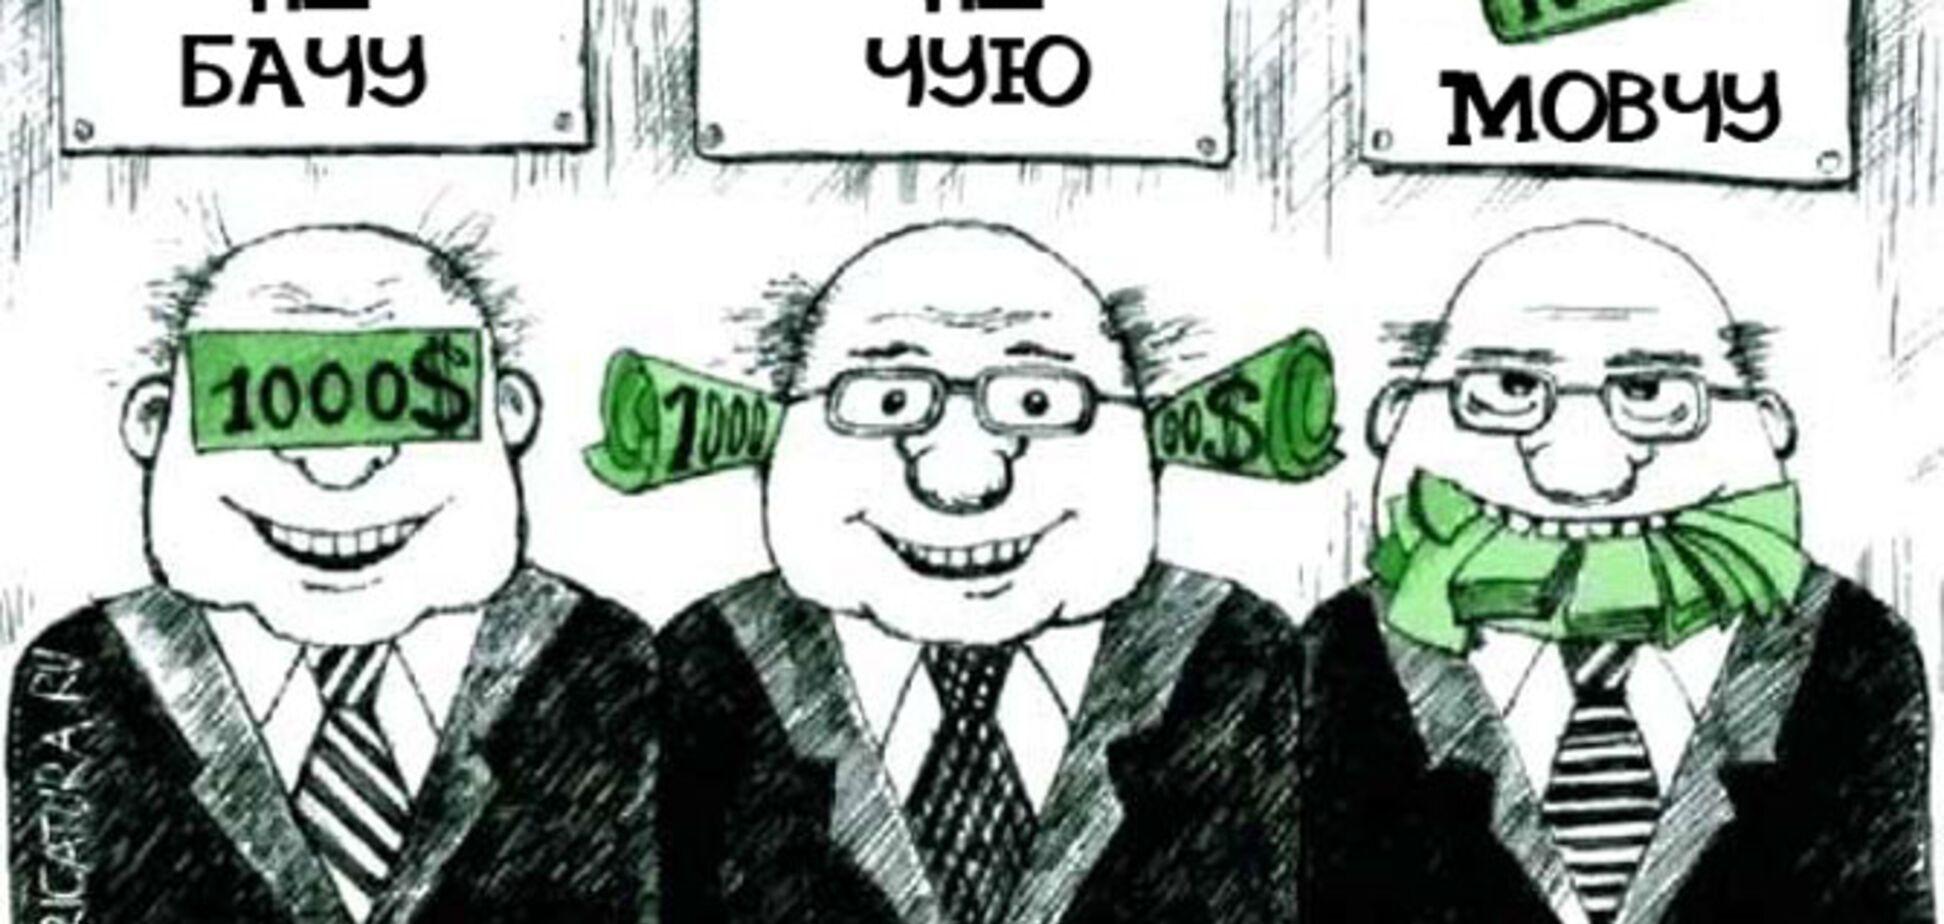 Мама, я хочу бути антикорупціонером!